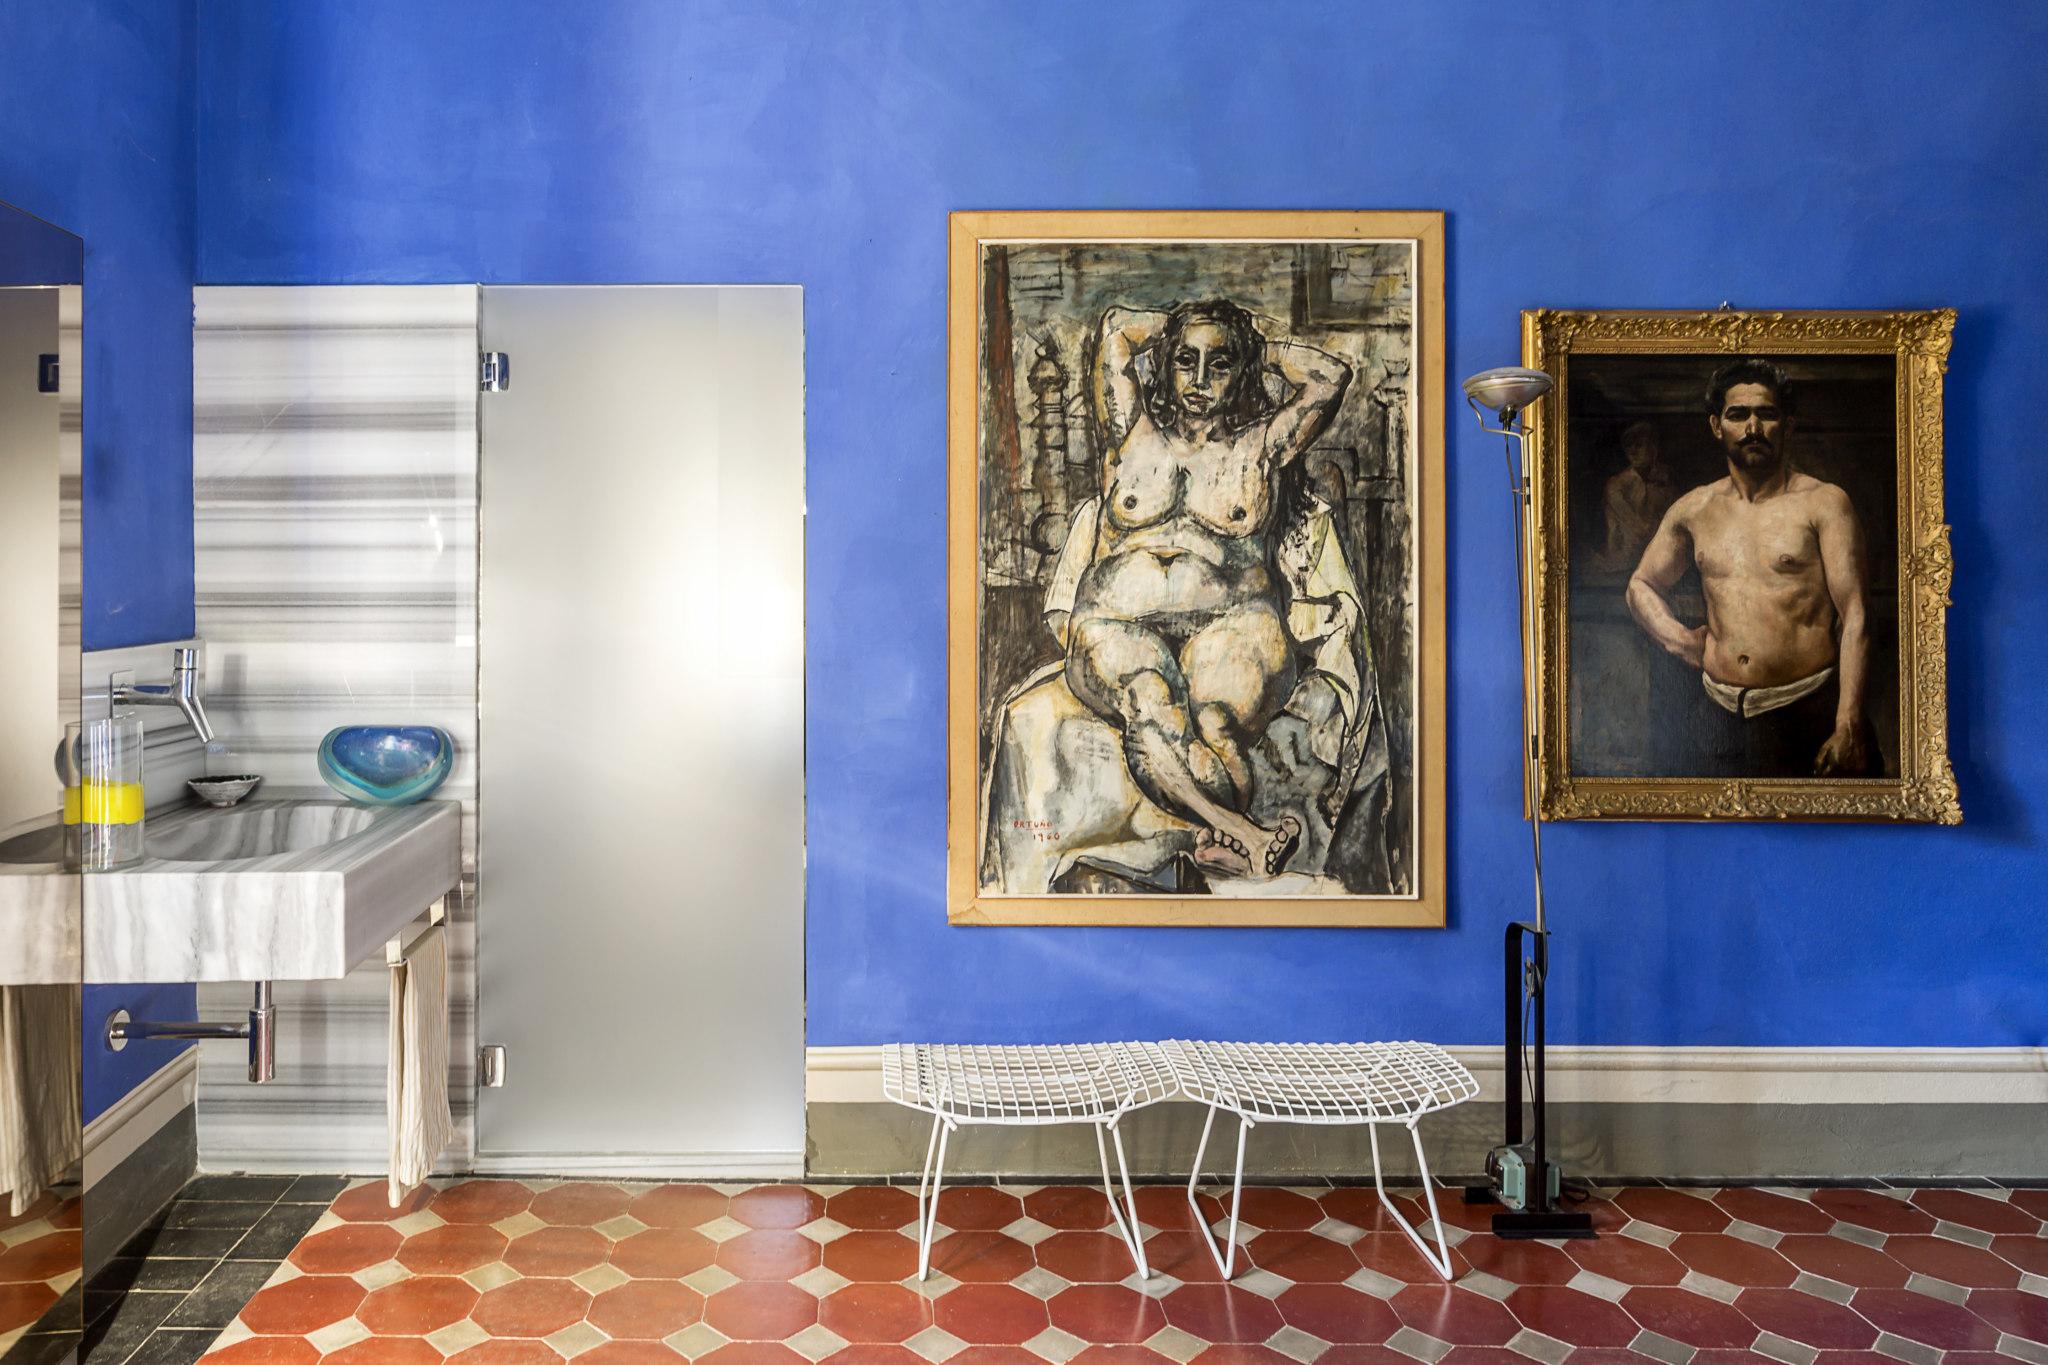 La camera da letto con angolo lavabo. Opere d'arte della collezione dell'interior designer